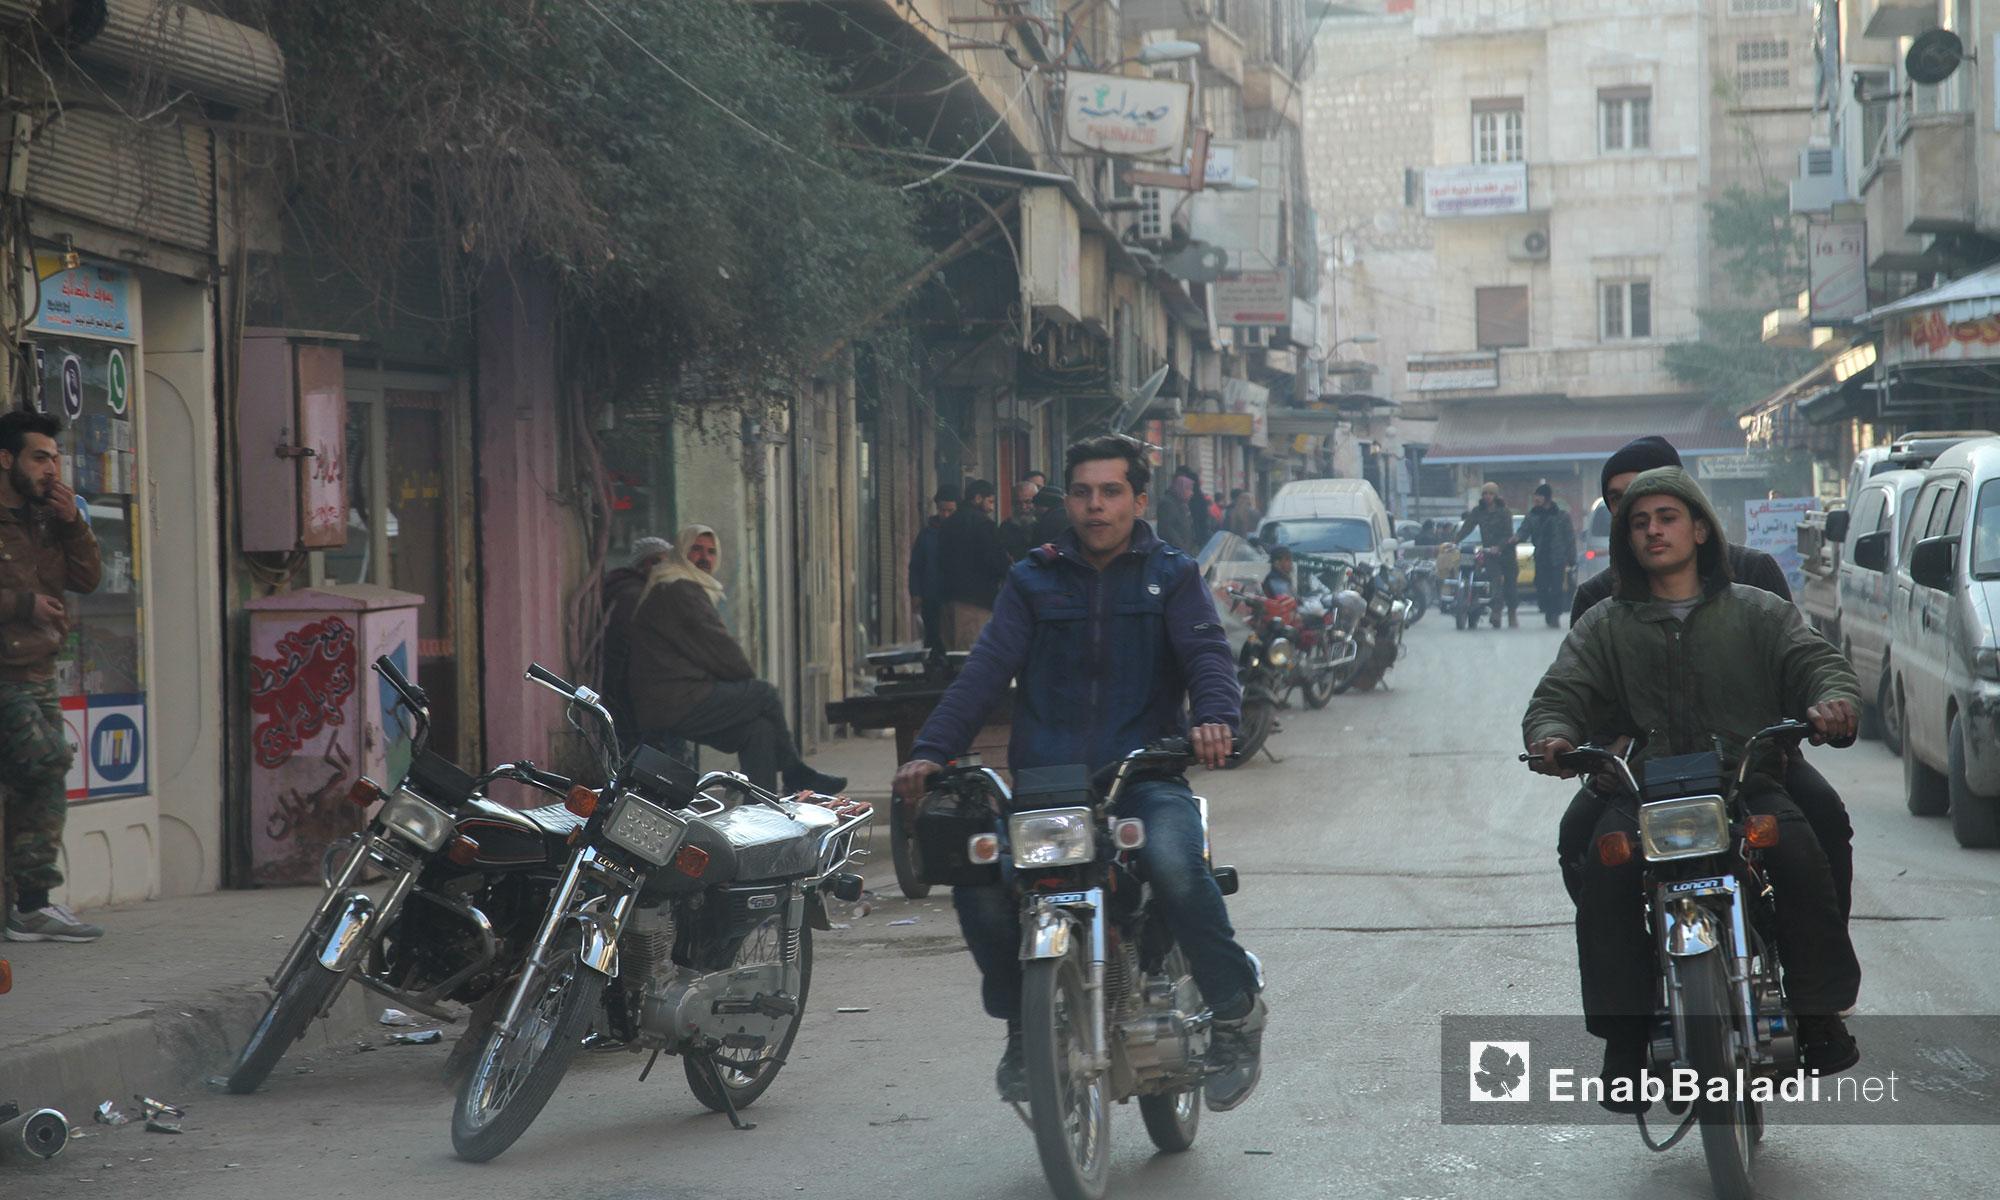 متجولون في سوق الهواتف النقالة في مدينة إدلب - 9 شباط 2017 (عنب بلدي)